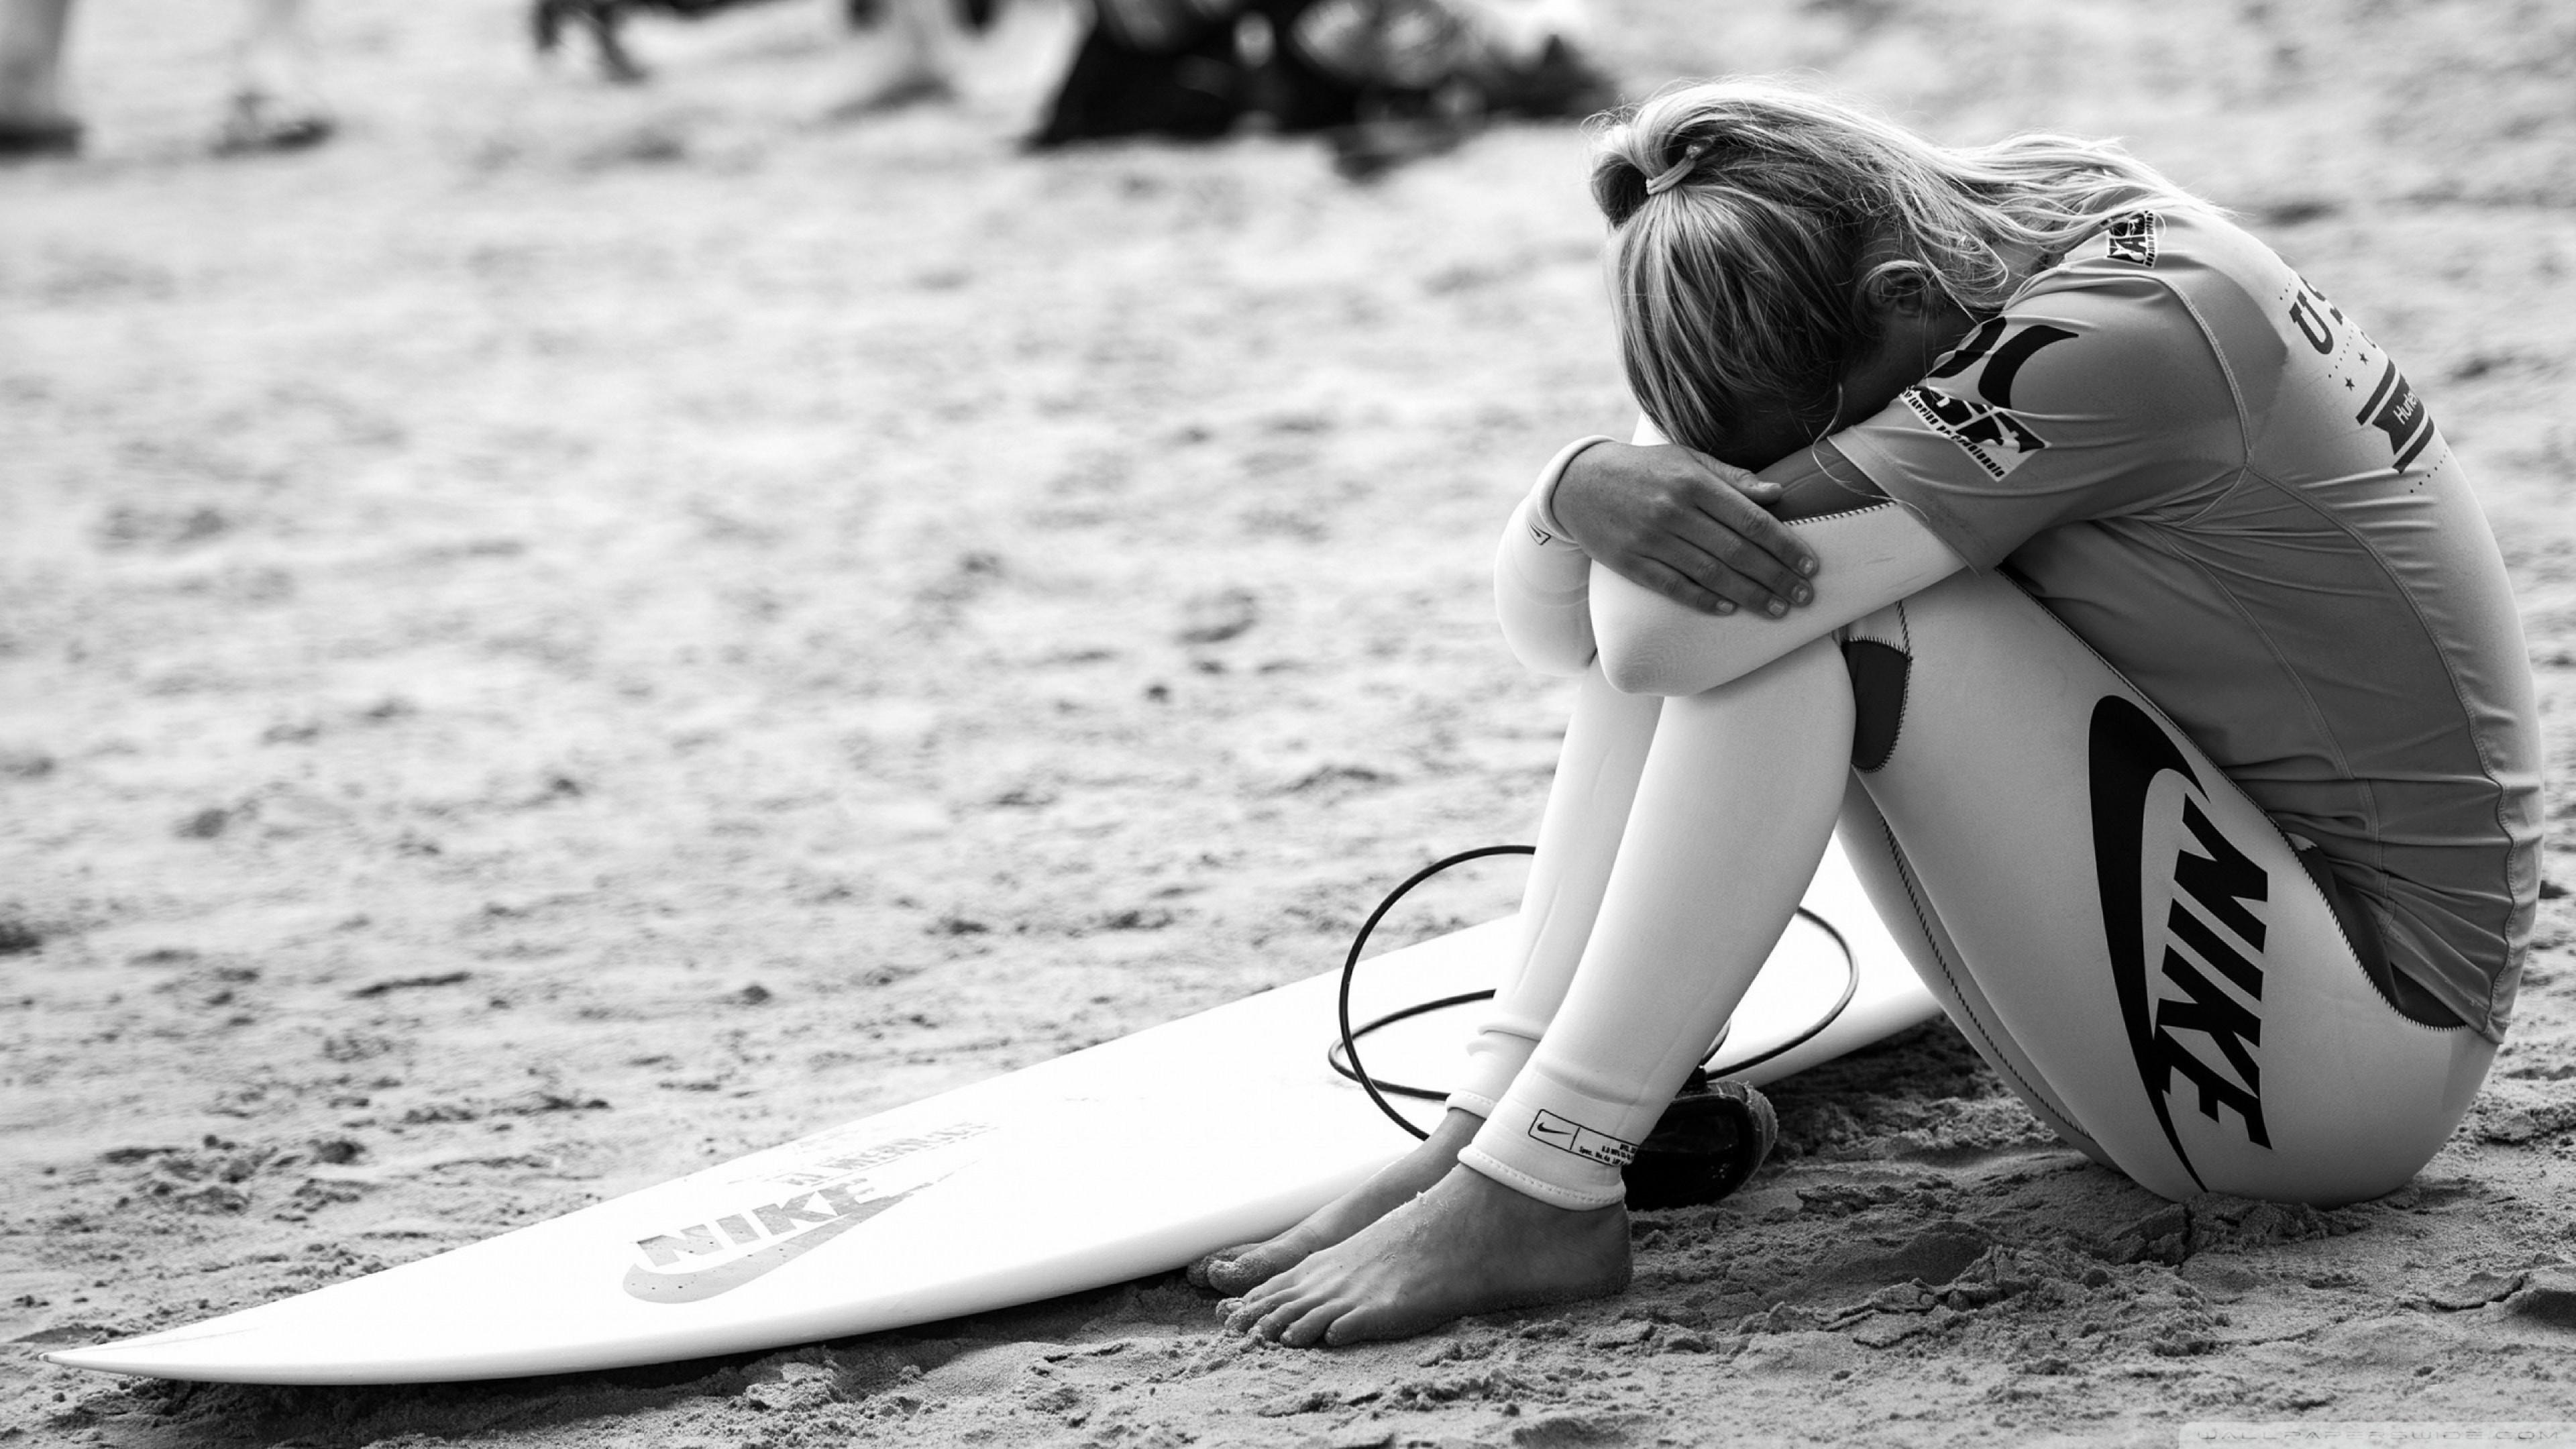 Preview wallpaper surfing, surfer, girl, sport, nike, bw 3840×2160